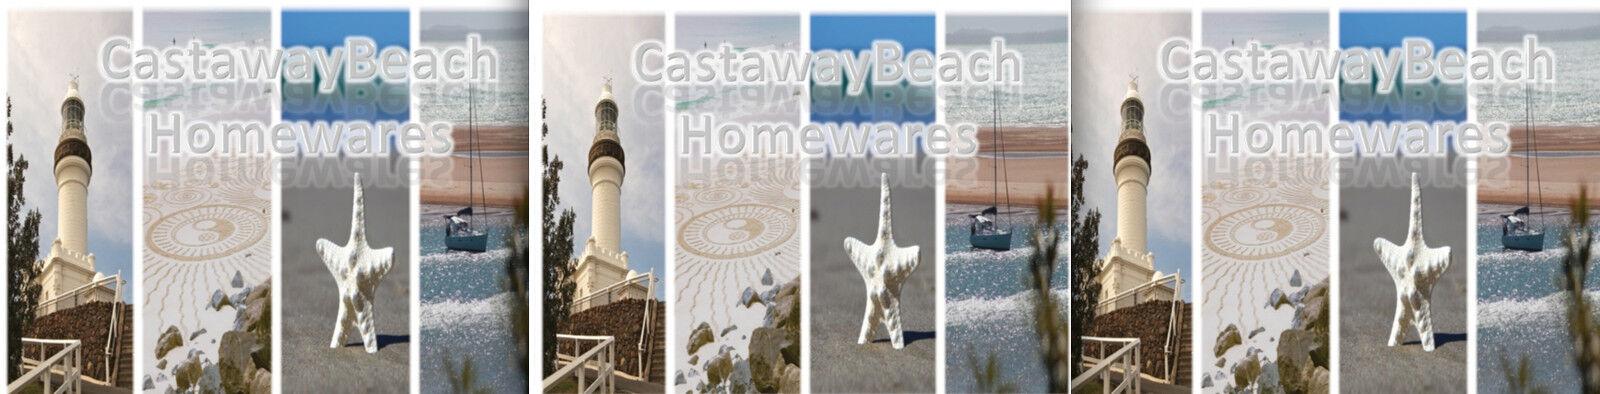 CastawayBeachHomewares